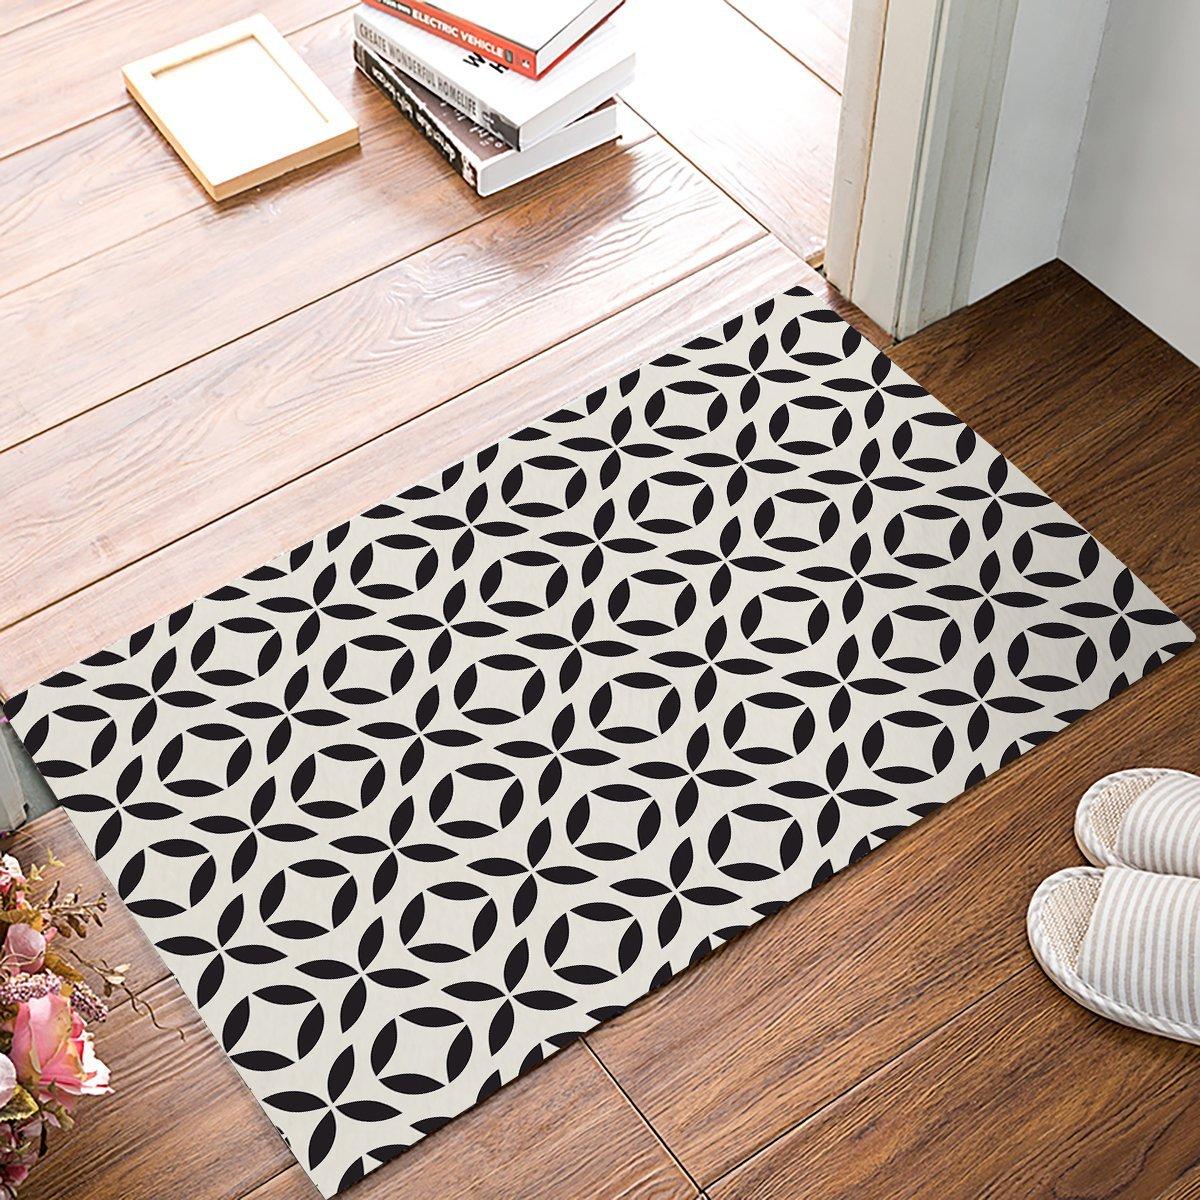 Black And White Geometric Kitchen Rug: Modern Geometric Pattern Black And Beige Door Mats Kitchen